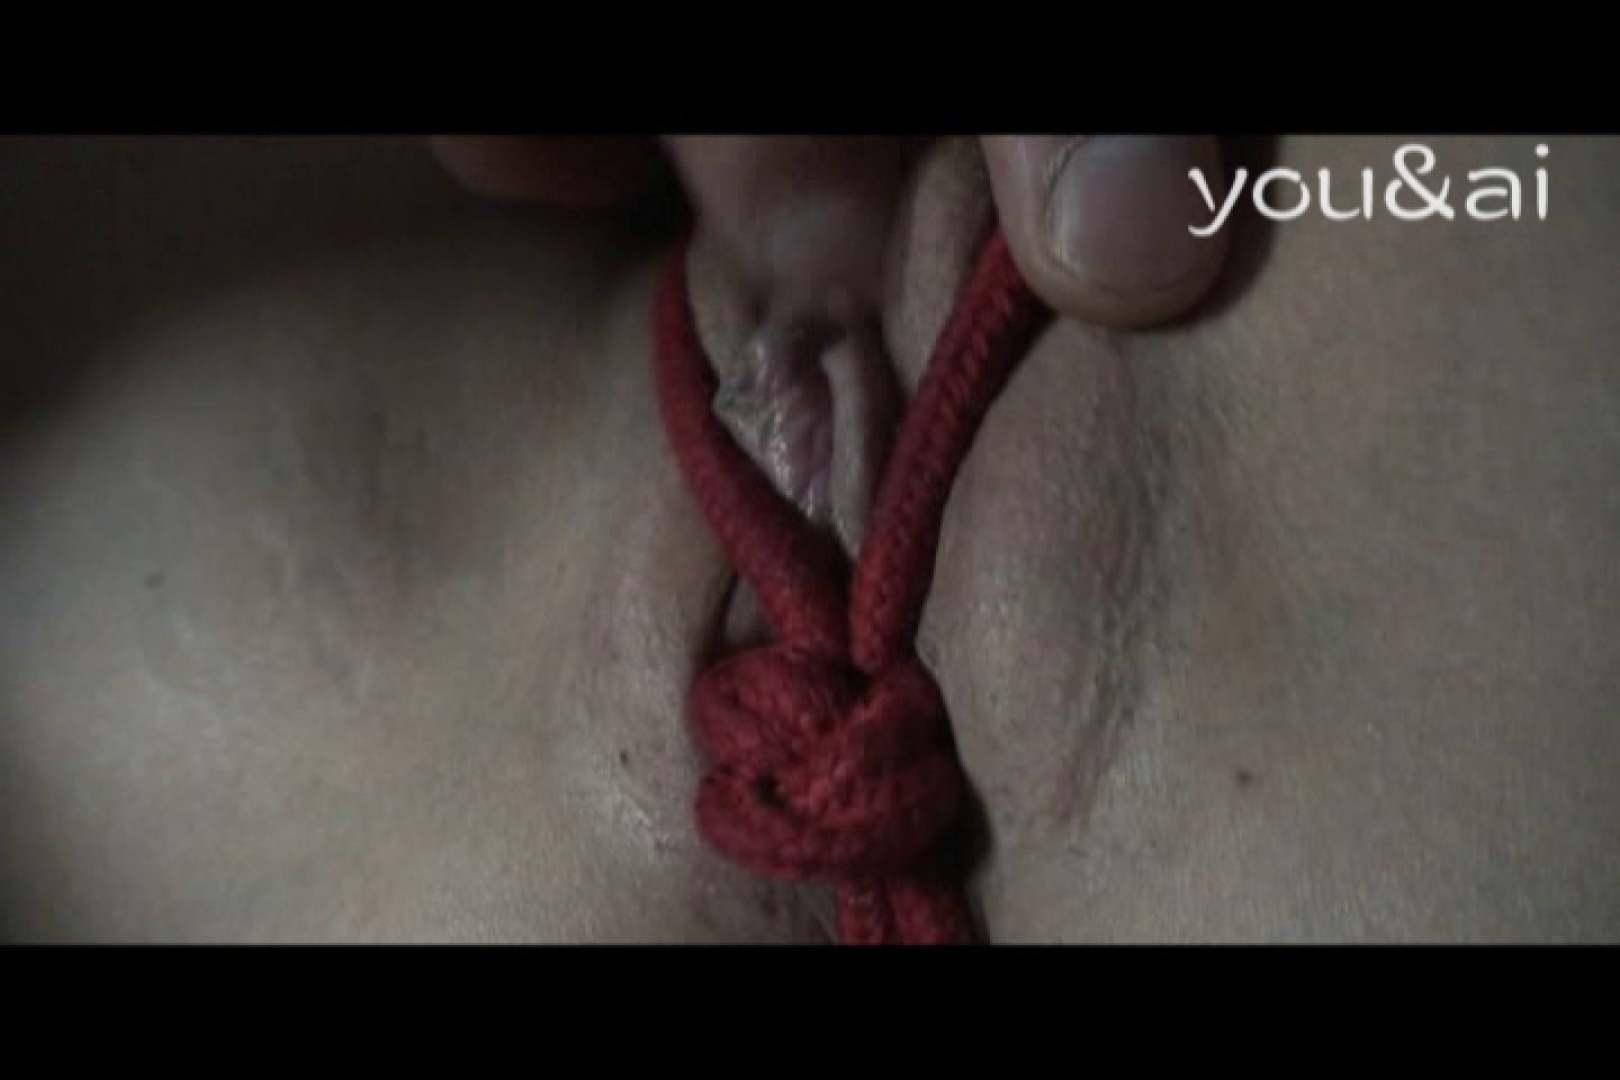 おしどり夫婦のyou&aiさん投稿作品vol.4 野外 性交動画流出 104枚 19